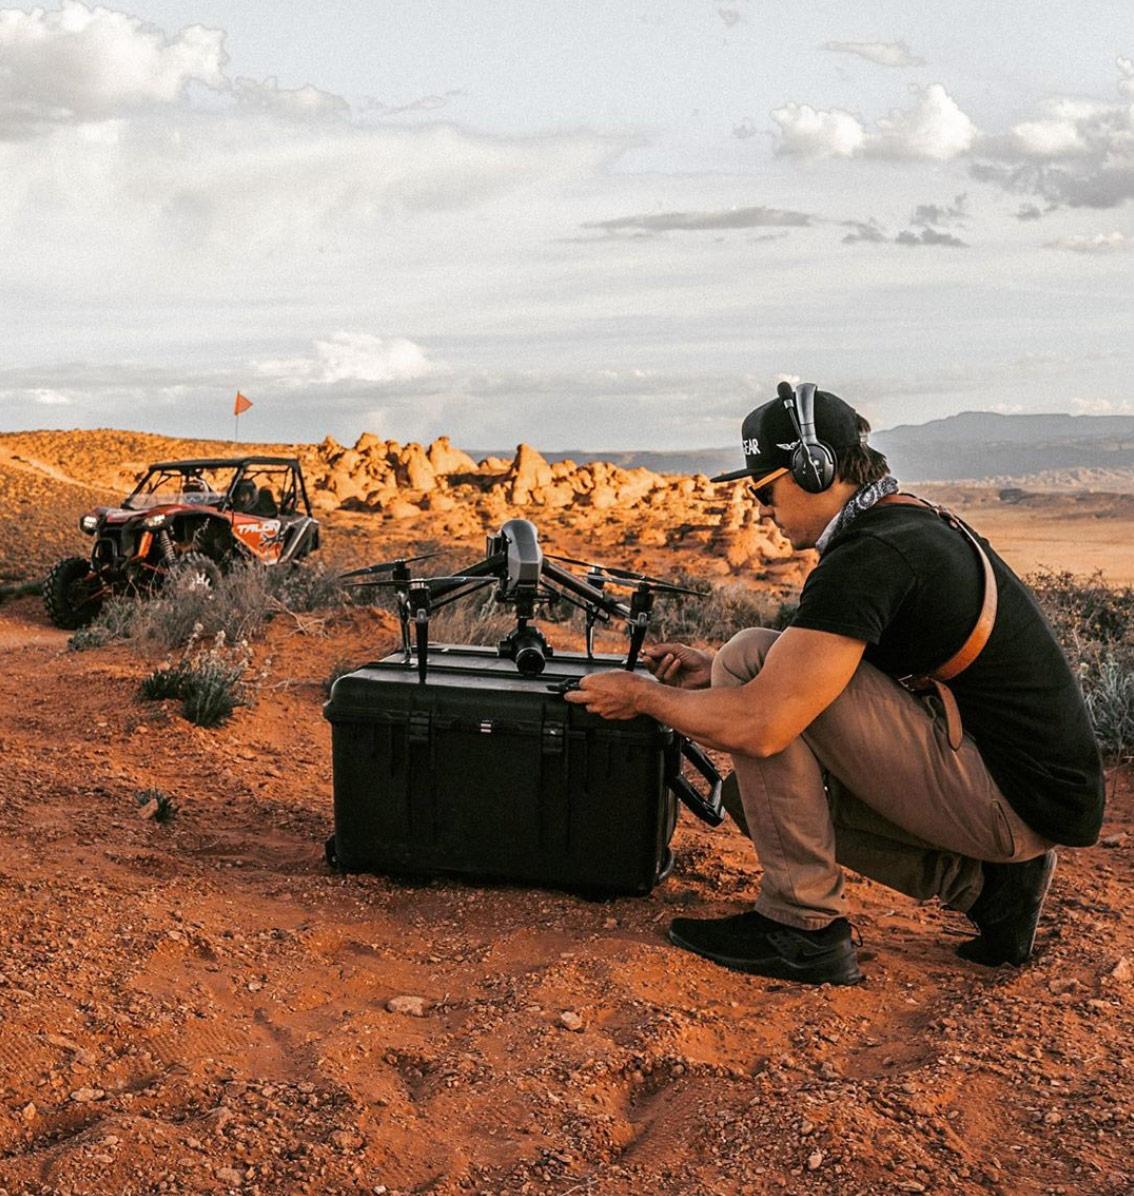 alex kavanagh case drone review